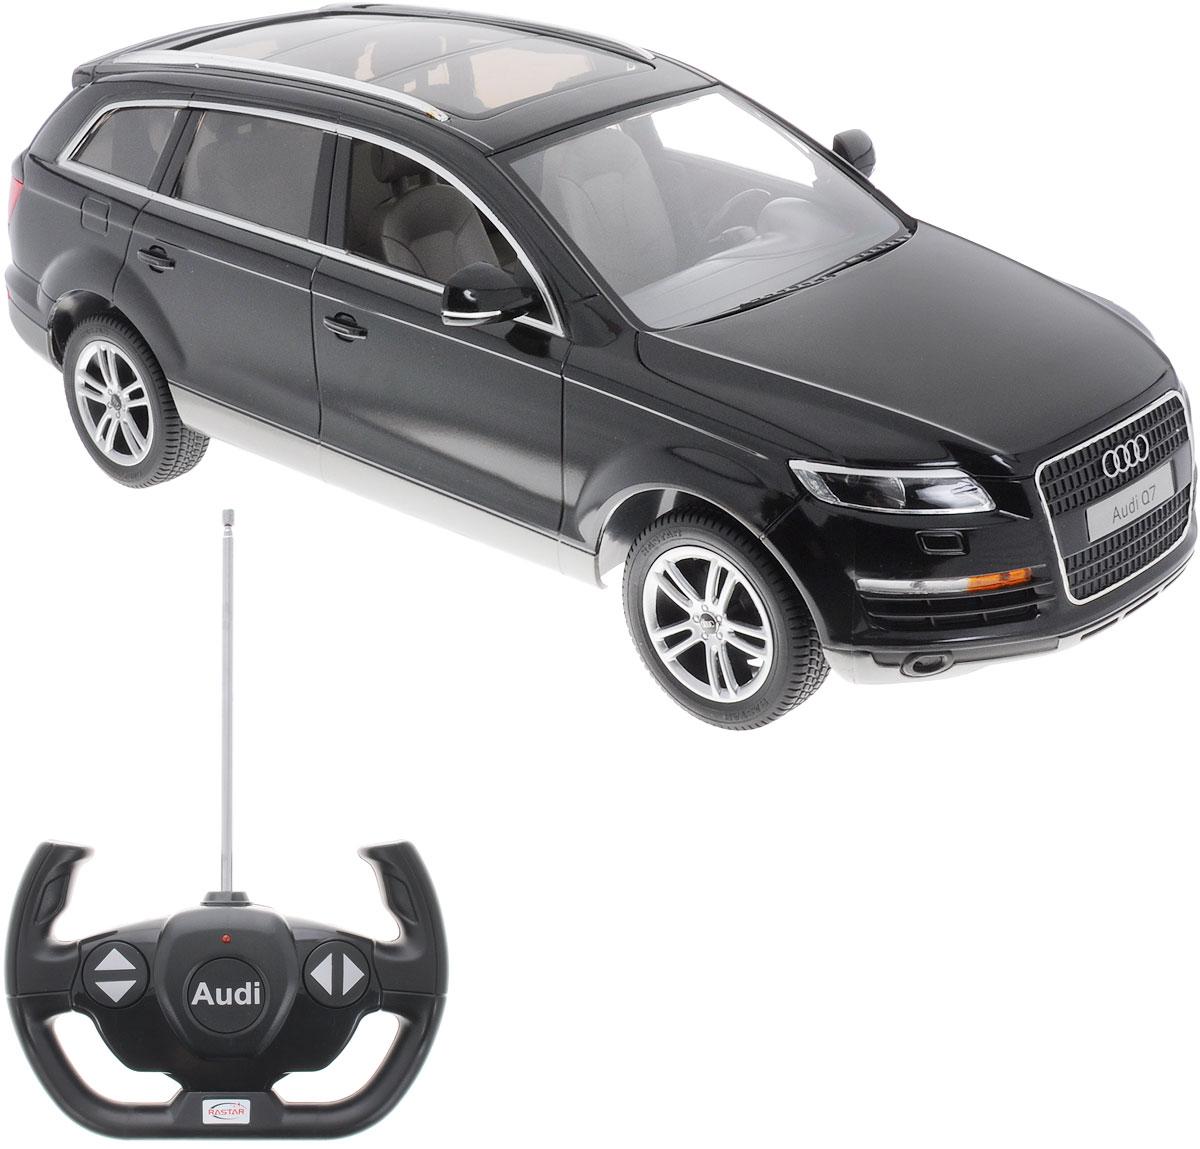 """Радиоуправляемая модель Rastar """"Audi Q7"""" станет отличным подарком любому мальчику! Все дети хотят иметь в наборе своих игрушек ослепительные, невероятные и модные автомобили на радиоуправлении. Тем более, если это автомобиль известной марки с проработкой всех деталей, удивляющий приятным качеством и видом. Одной из таких моделей является автомобиль на радиоуправлении Rastar """"Audi Q7"""". Это точная копия настоящего авто в масштабе 1:14. Автомобиль обладает неповторимым провокационным стилем и спортивным характером. Потрясающая маневренность, динамика и покладистость - отличительные качества этой модели. Возможные движения: вперед, назад, вправо, влево, остановка. При движении загораются фары и стоп-сигналы. Для работы игрушки необходимы 5 батареек типа АА (не входят в комплект). Для работы пульта управления необходима 1 батарейка типа """"Крона"""" (не входит в комплект)."""